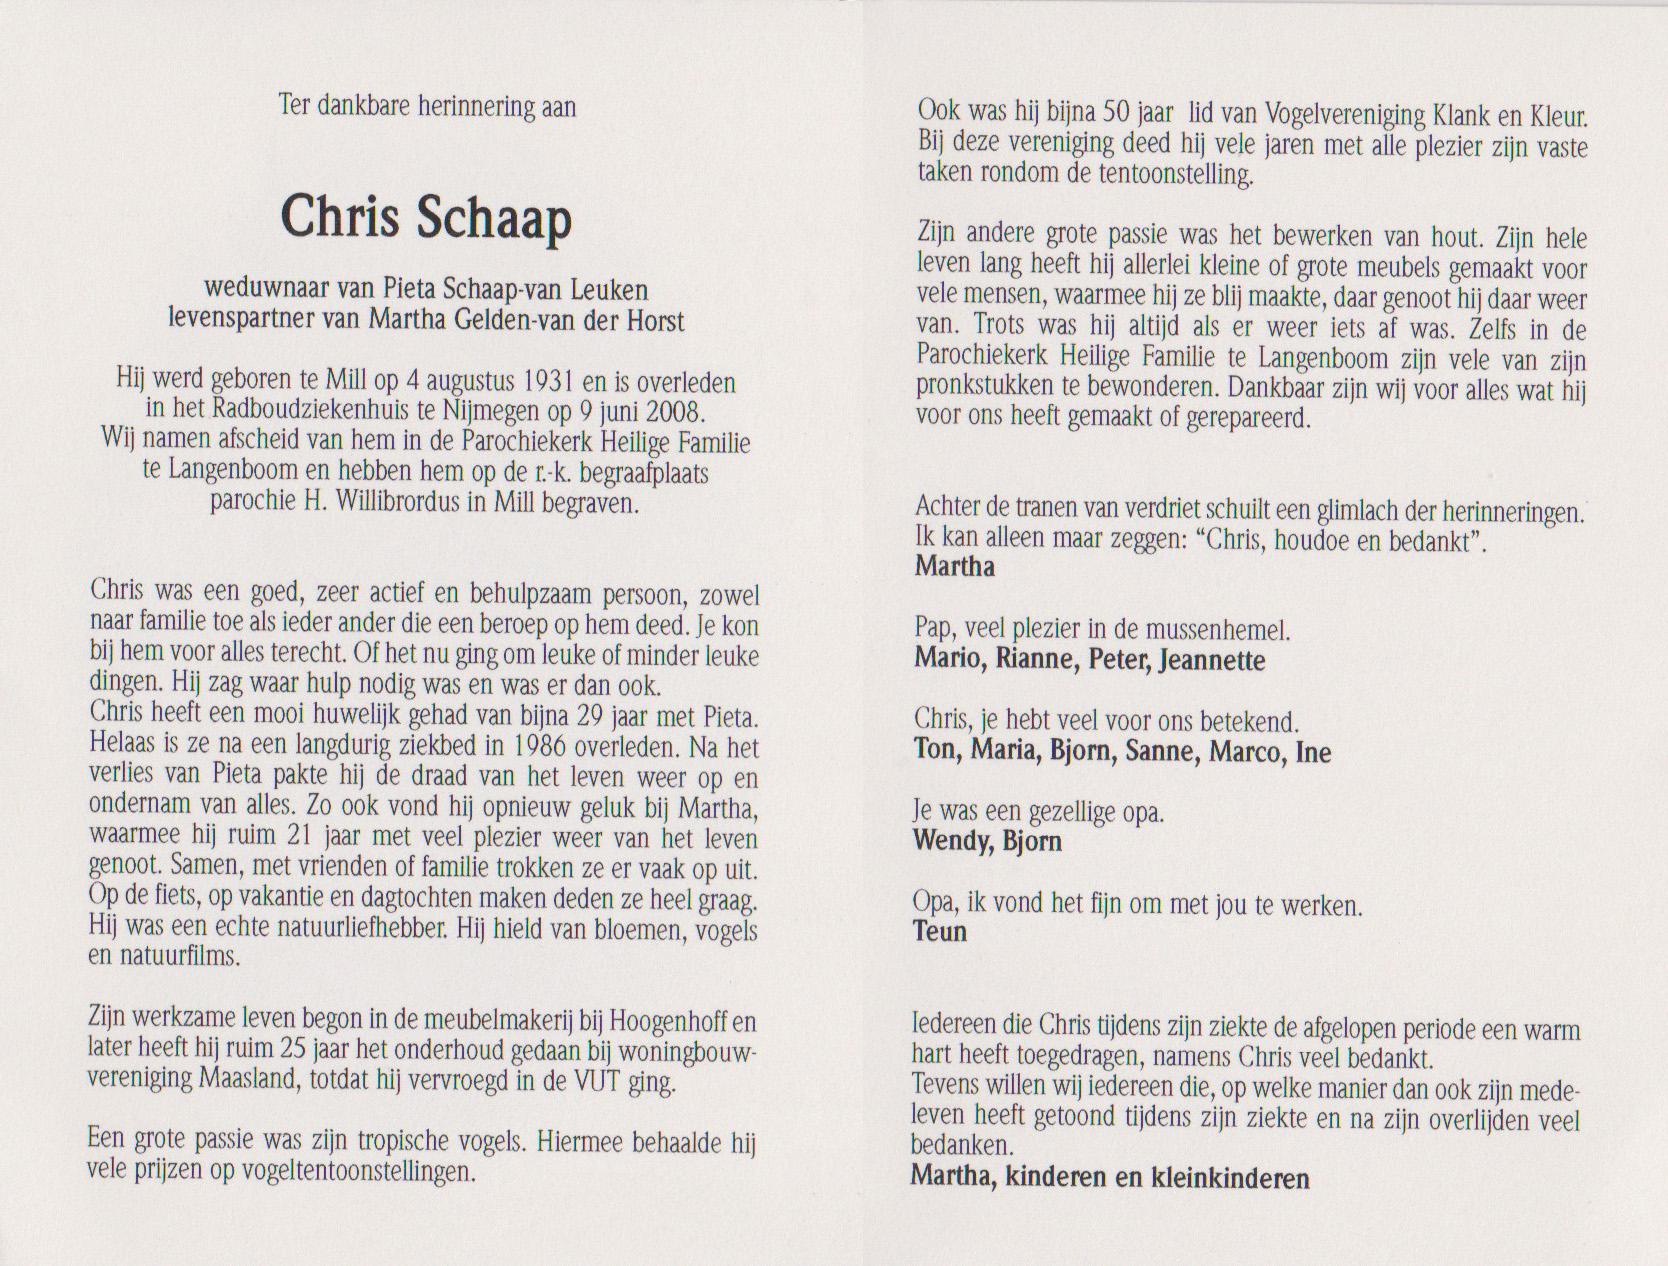 Bidprentje ChrisSchaap